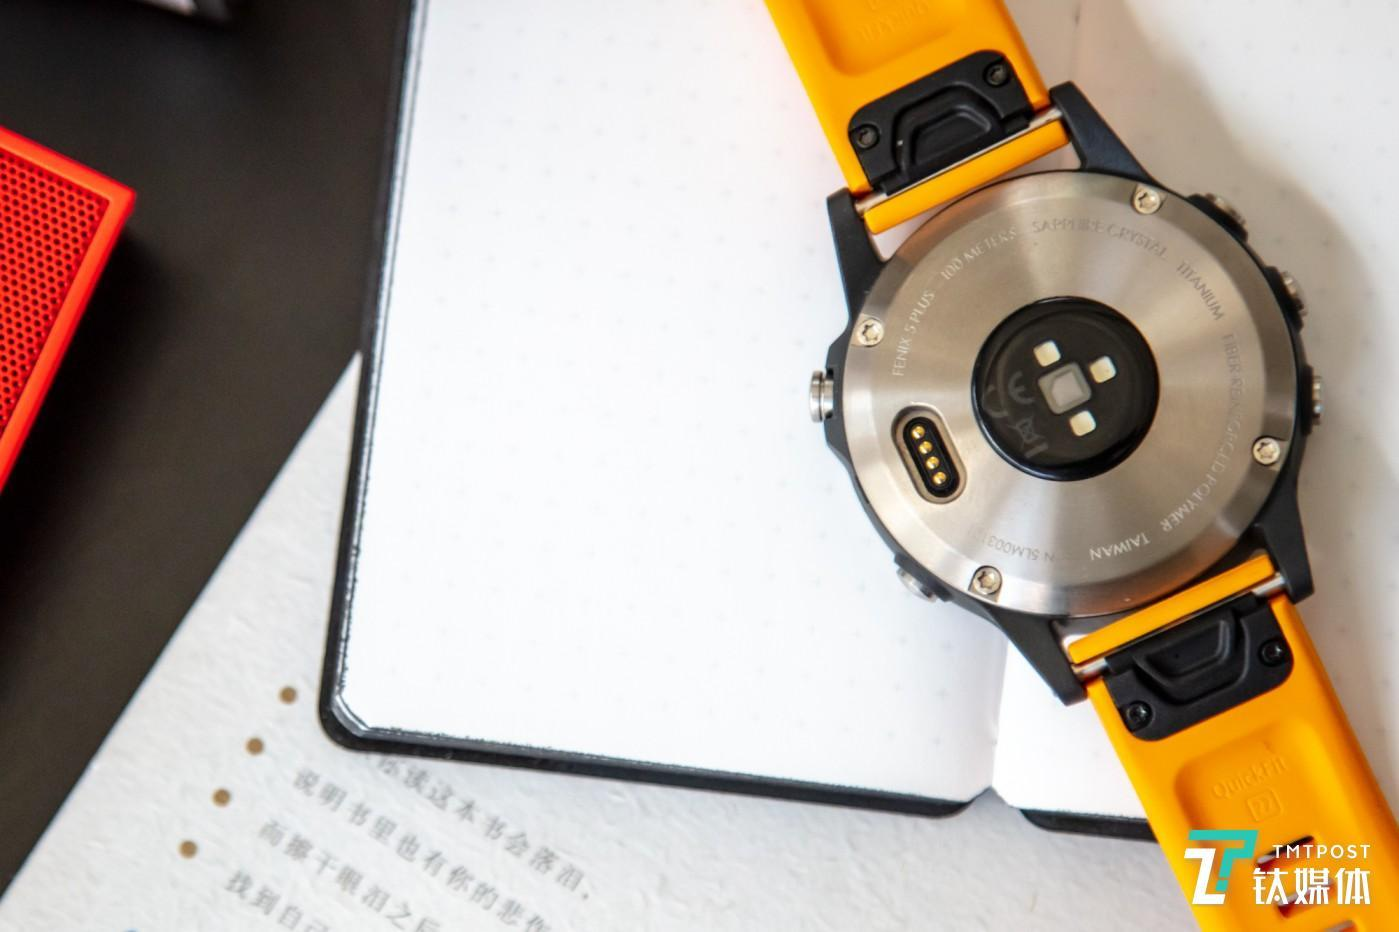 手表背面是充电口和心率检测器